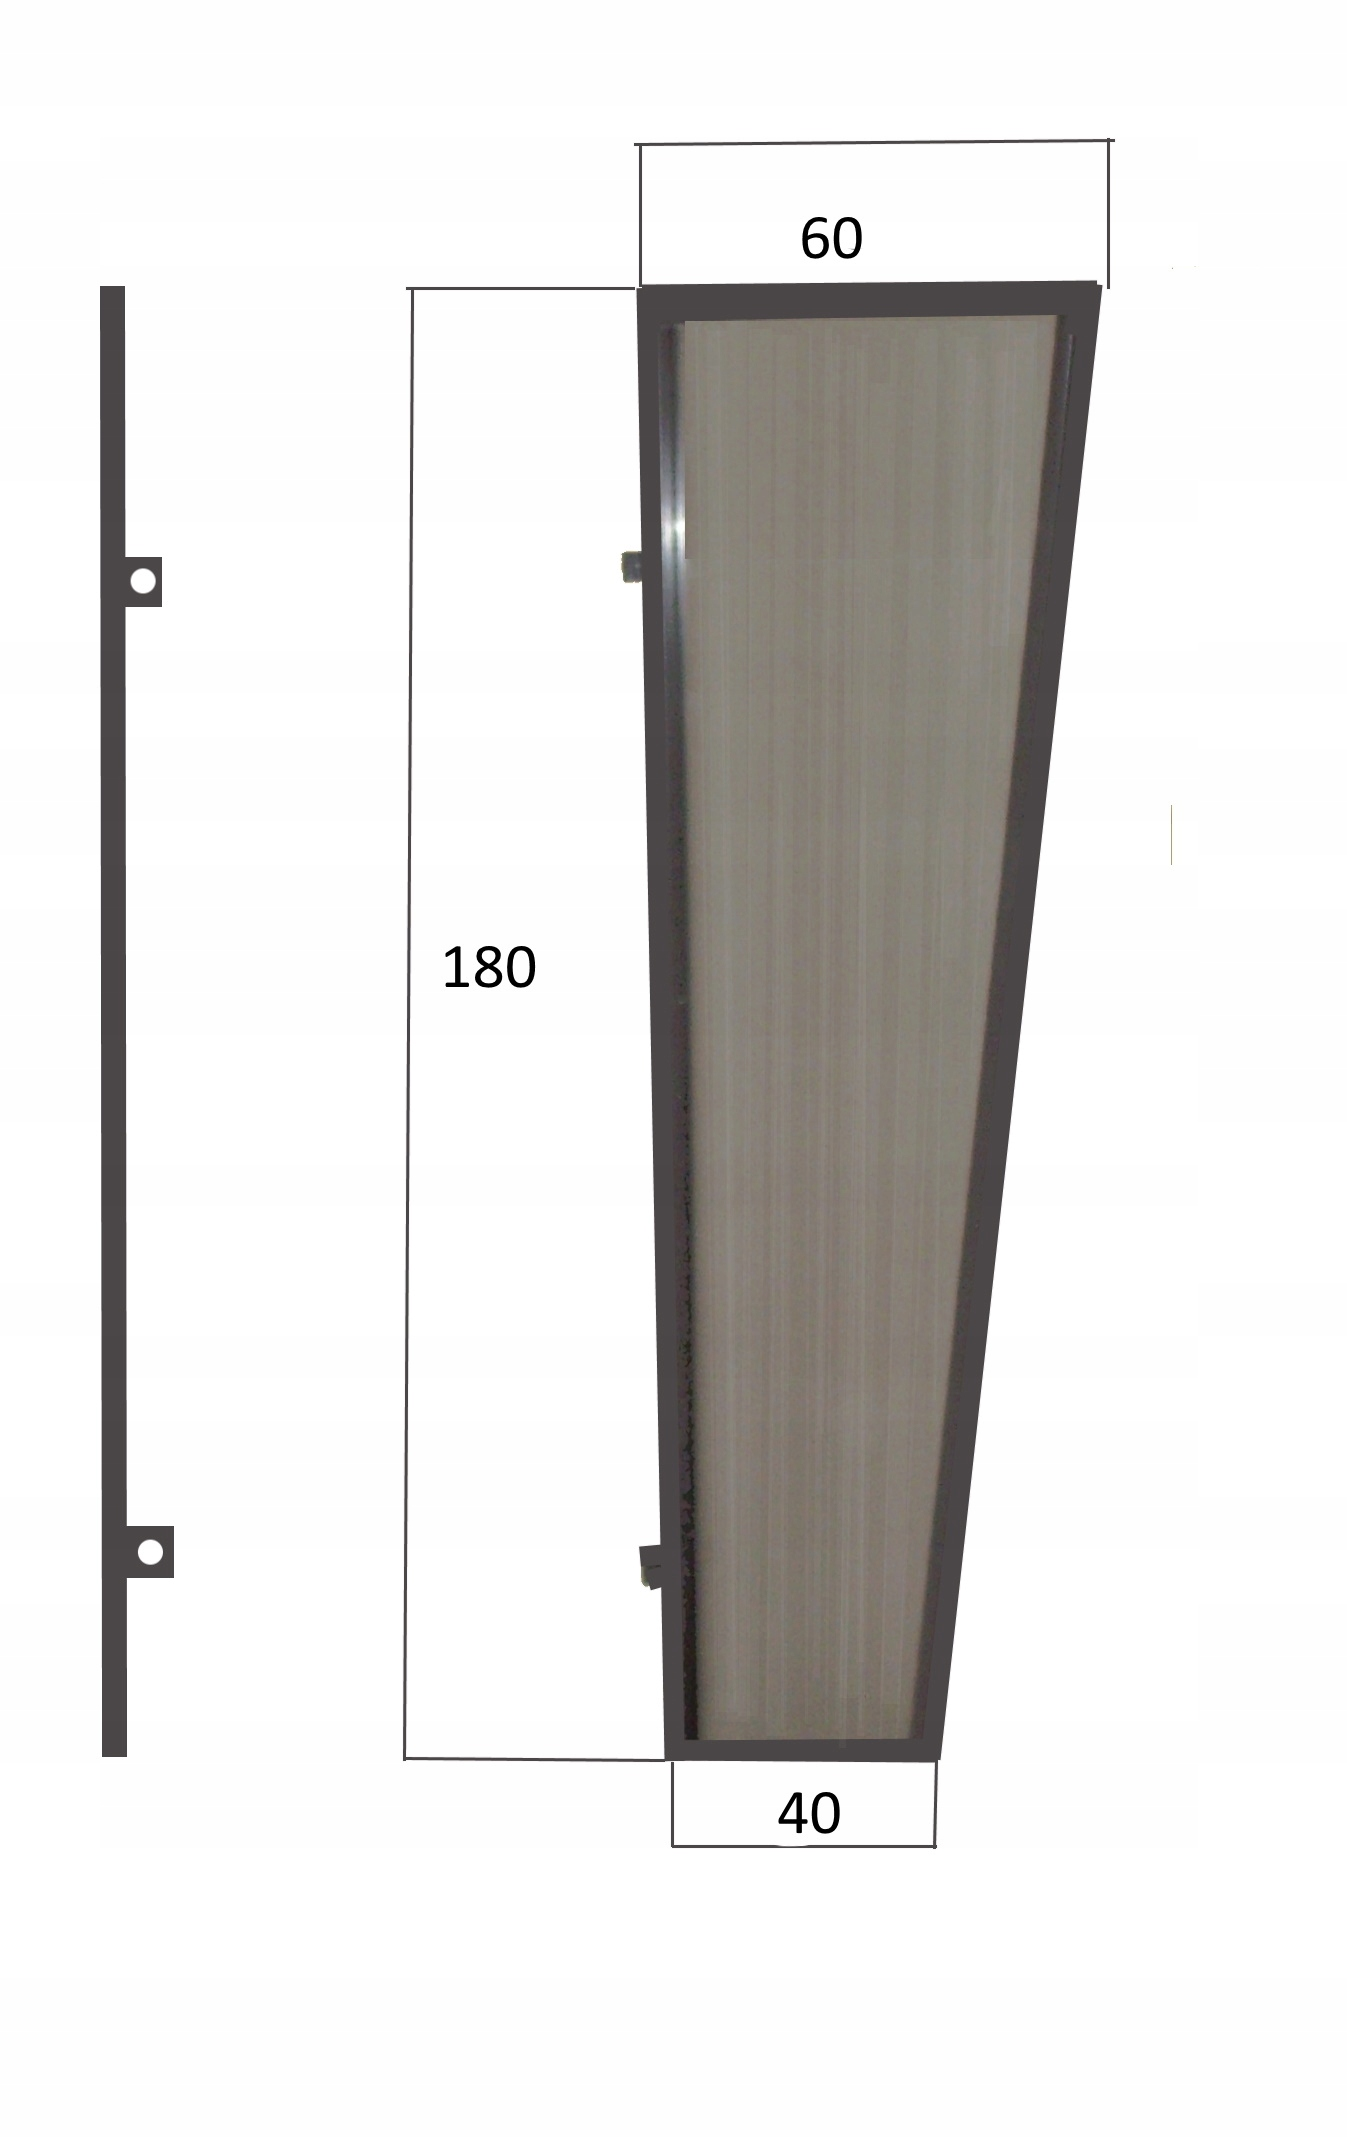 Bočná stena pre markízy nad dverami, 180x60x40